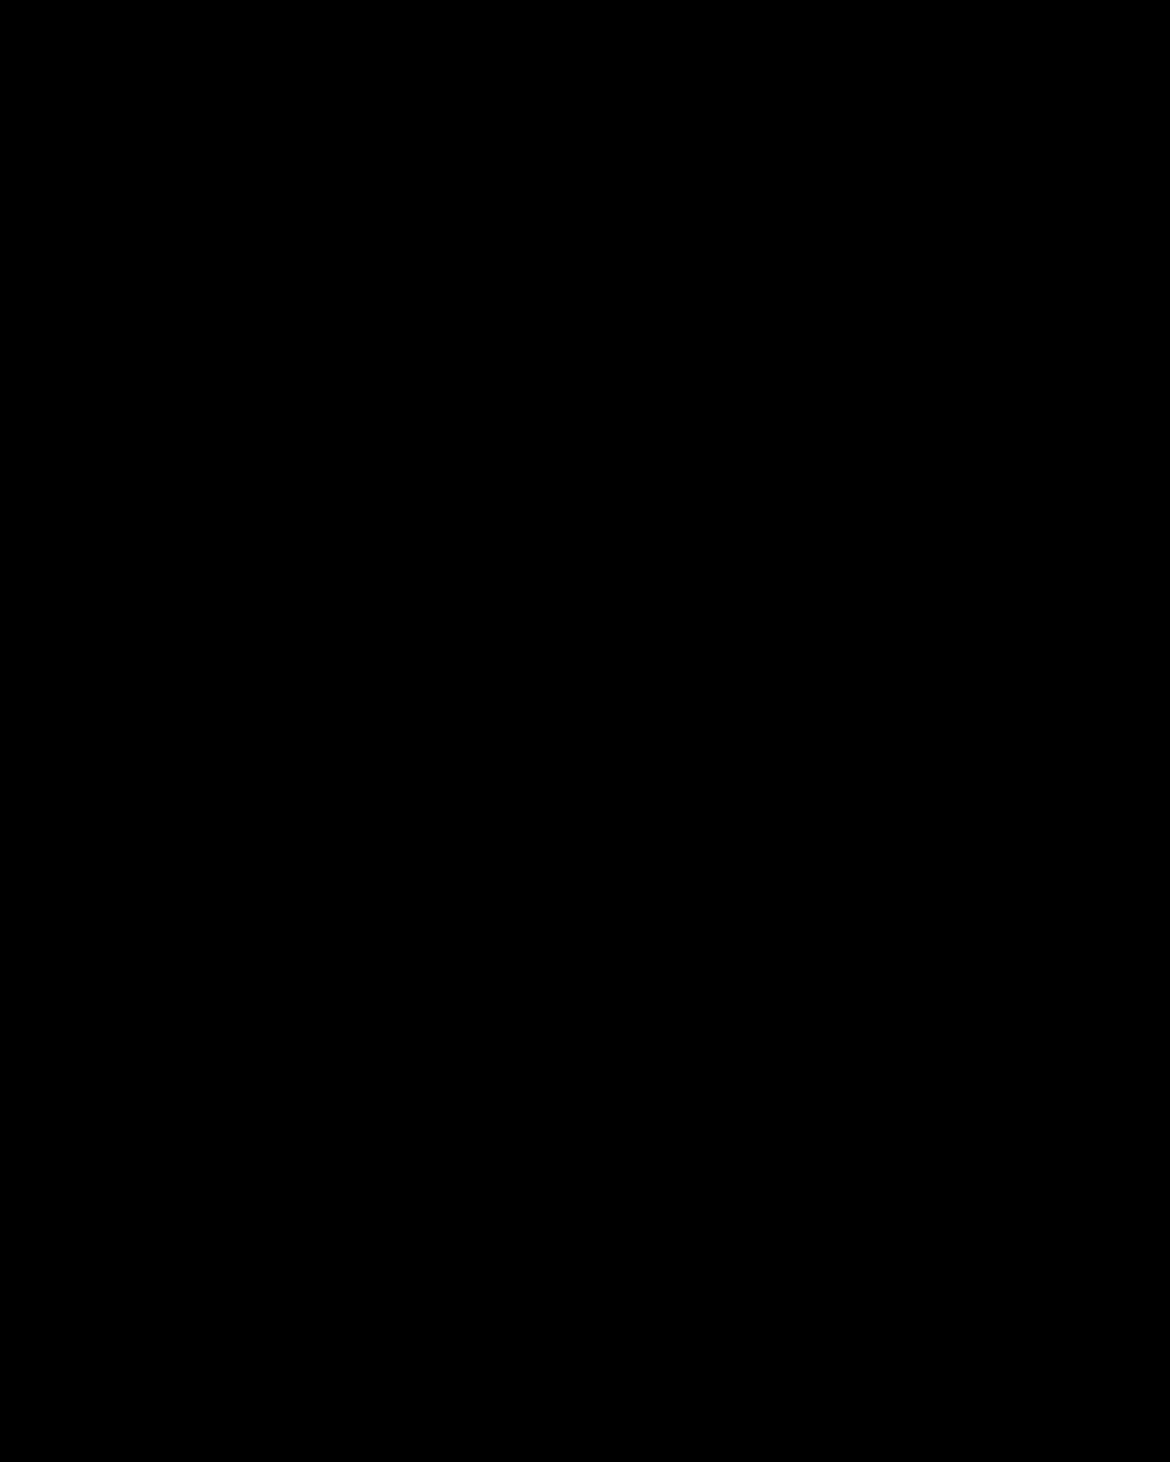 Visitare Parigi a Dicembre - La magia del Natale by Laura Comolli - Hotel Barriere Le Fouquet's